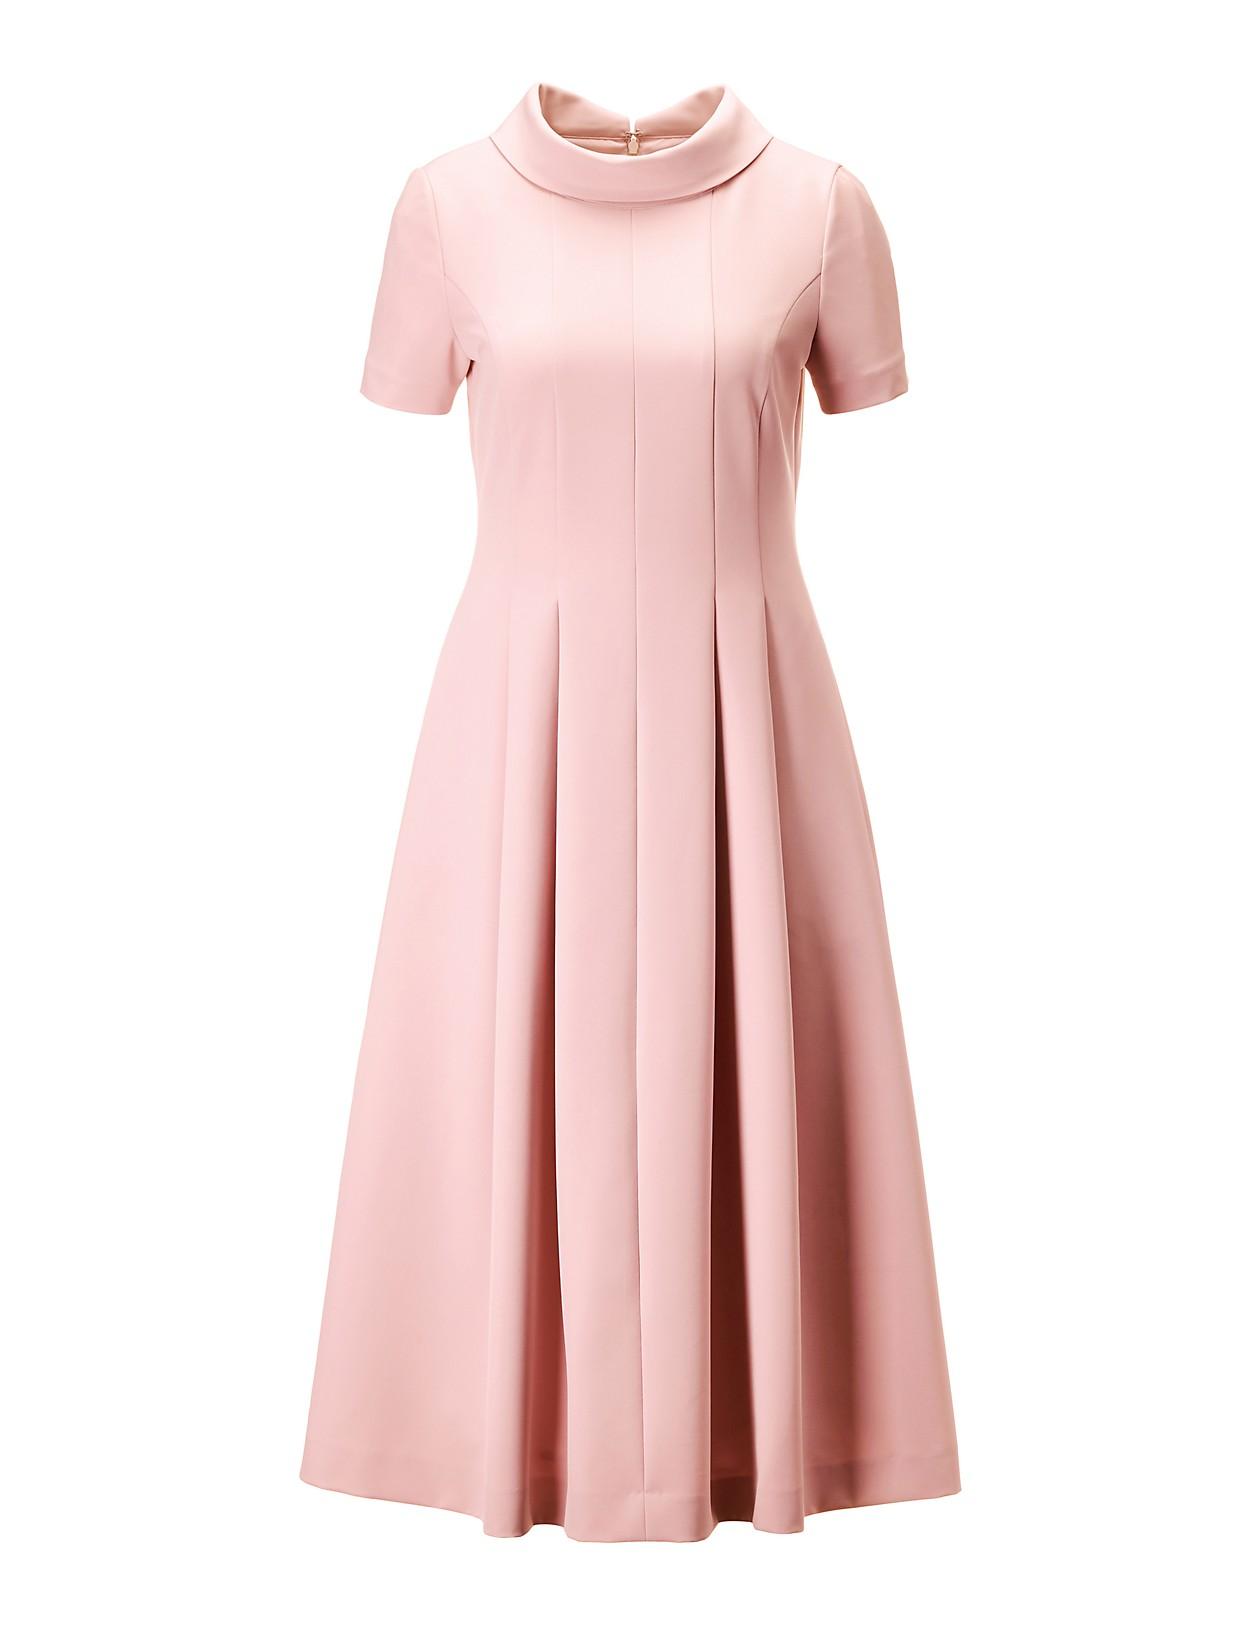 Schwungvolles Kleid mit Halbarm, puderrose, rosa  MADELEINE